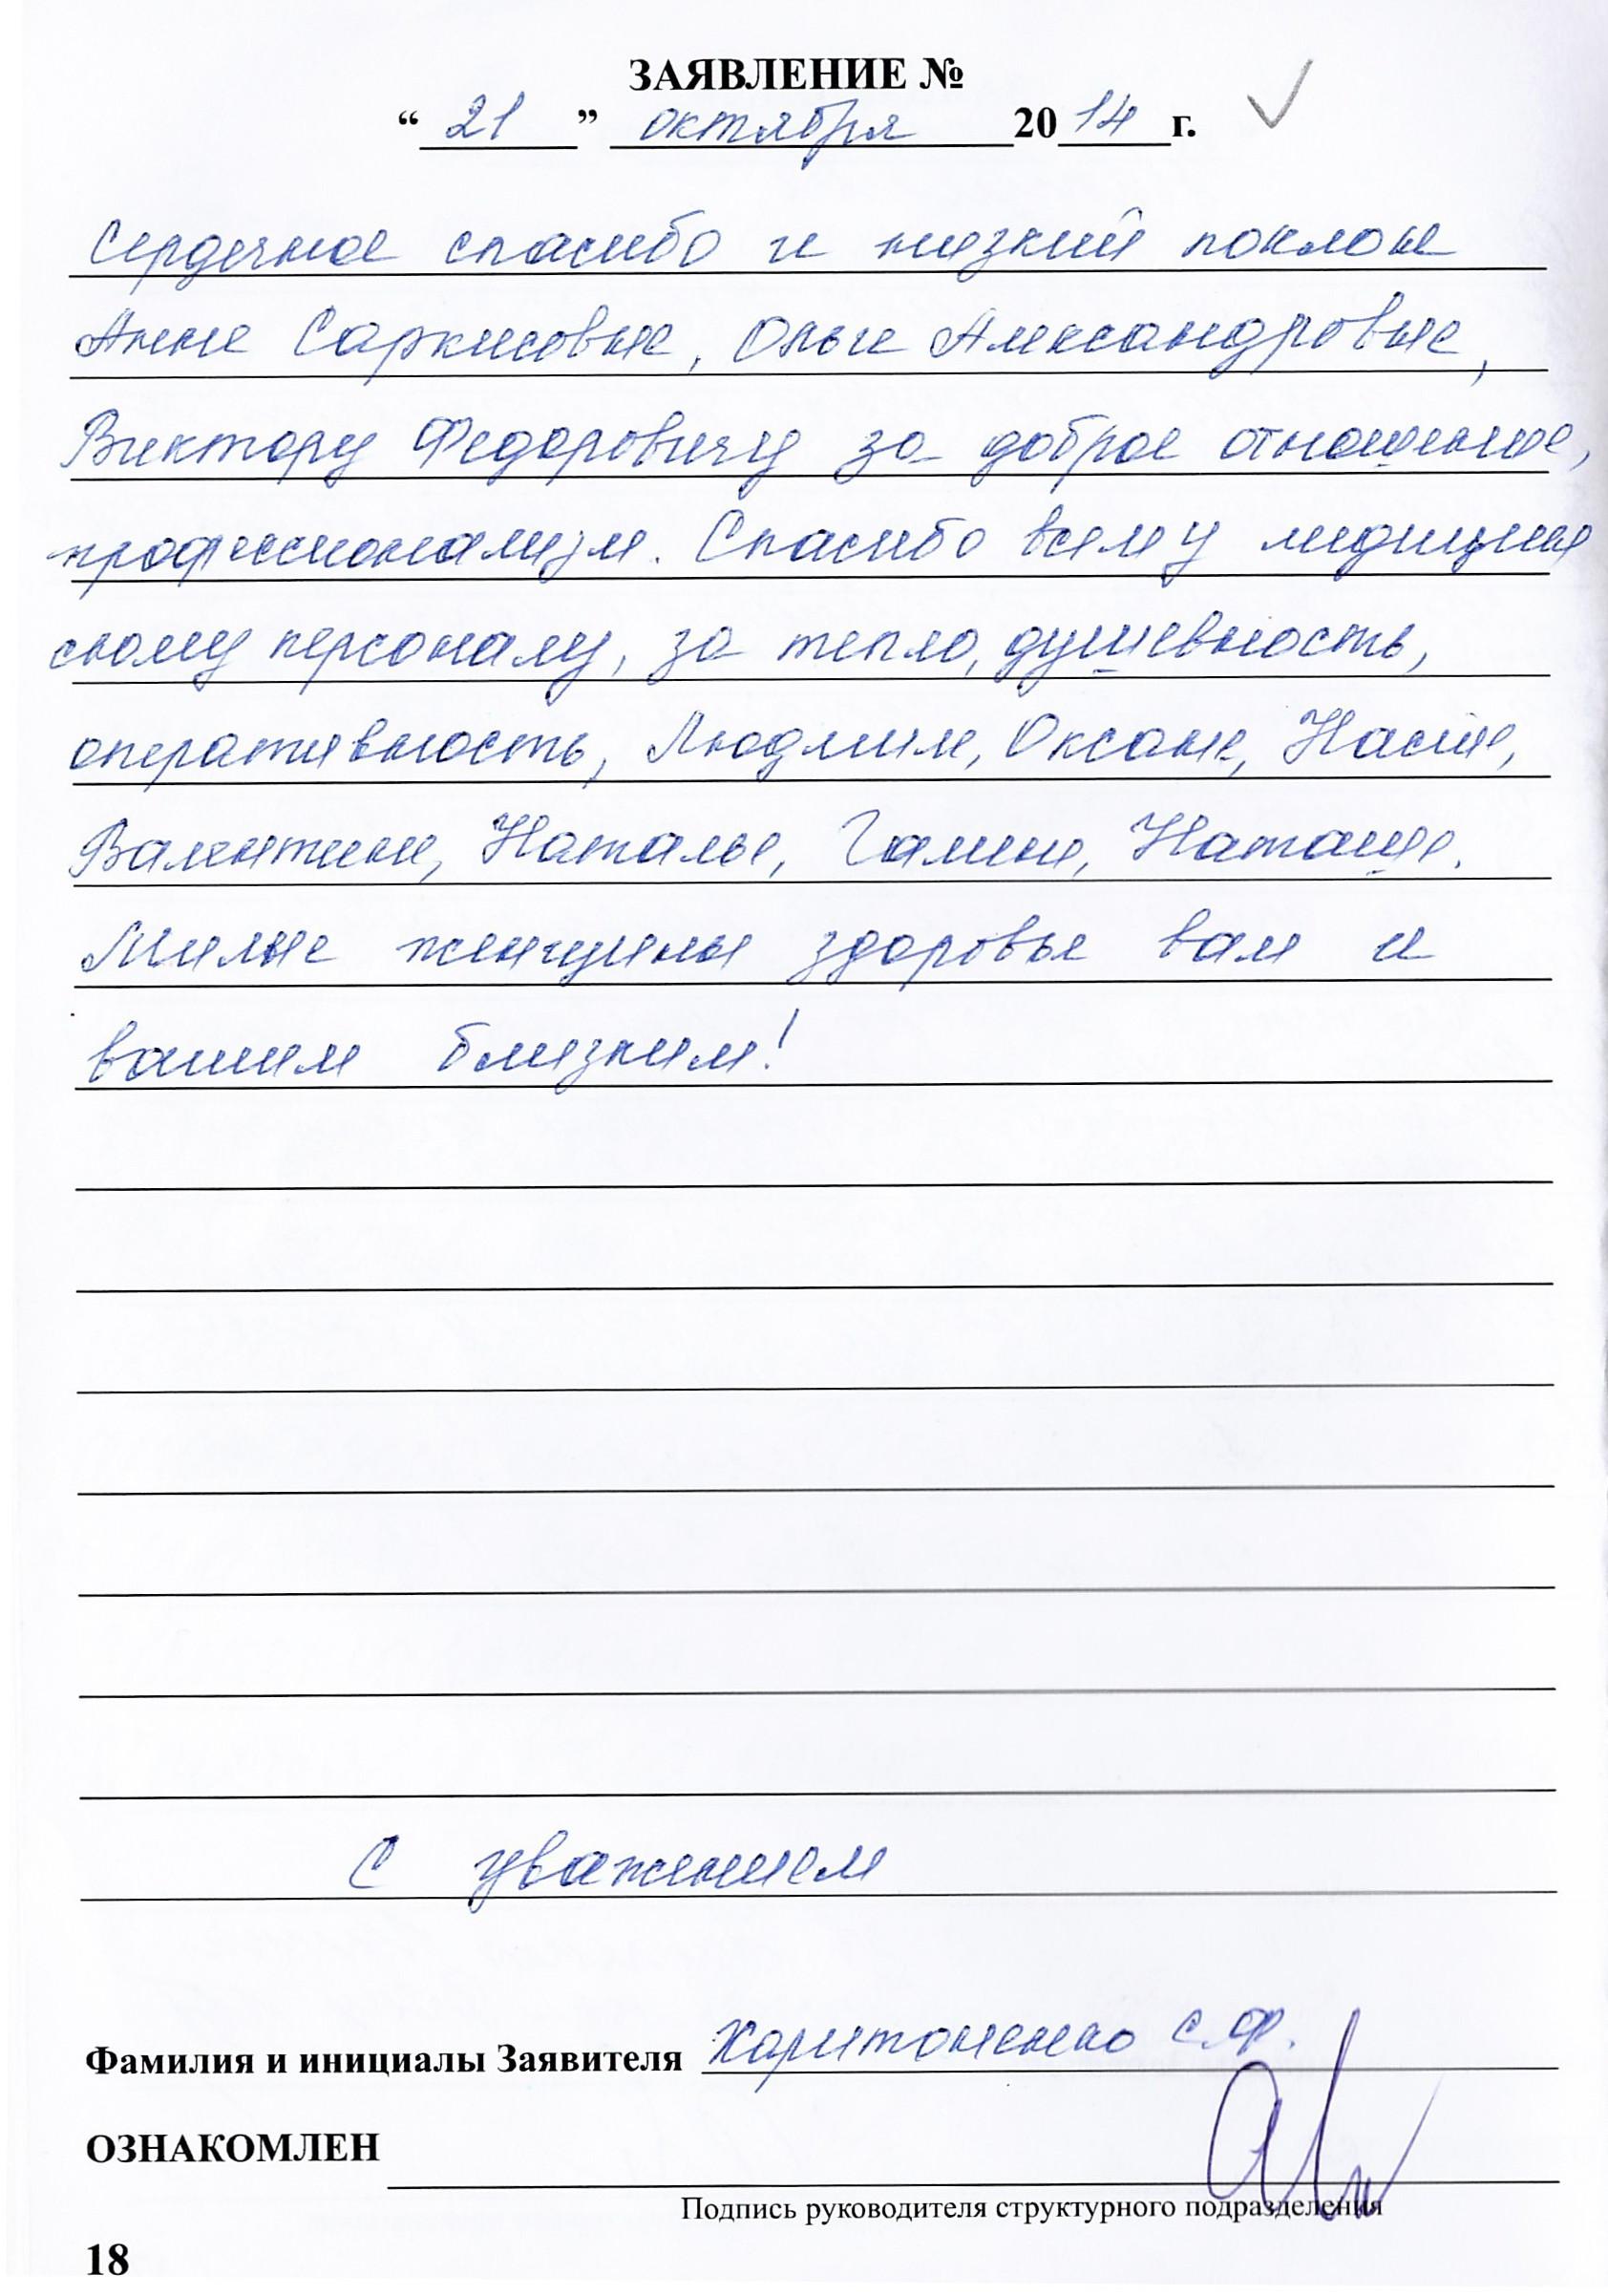 36 поликлиника кировского района расписание врачей